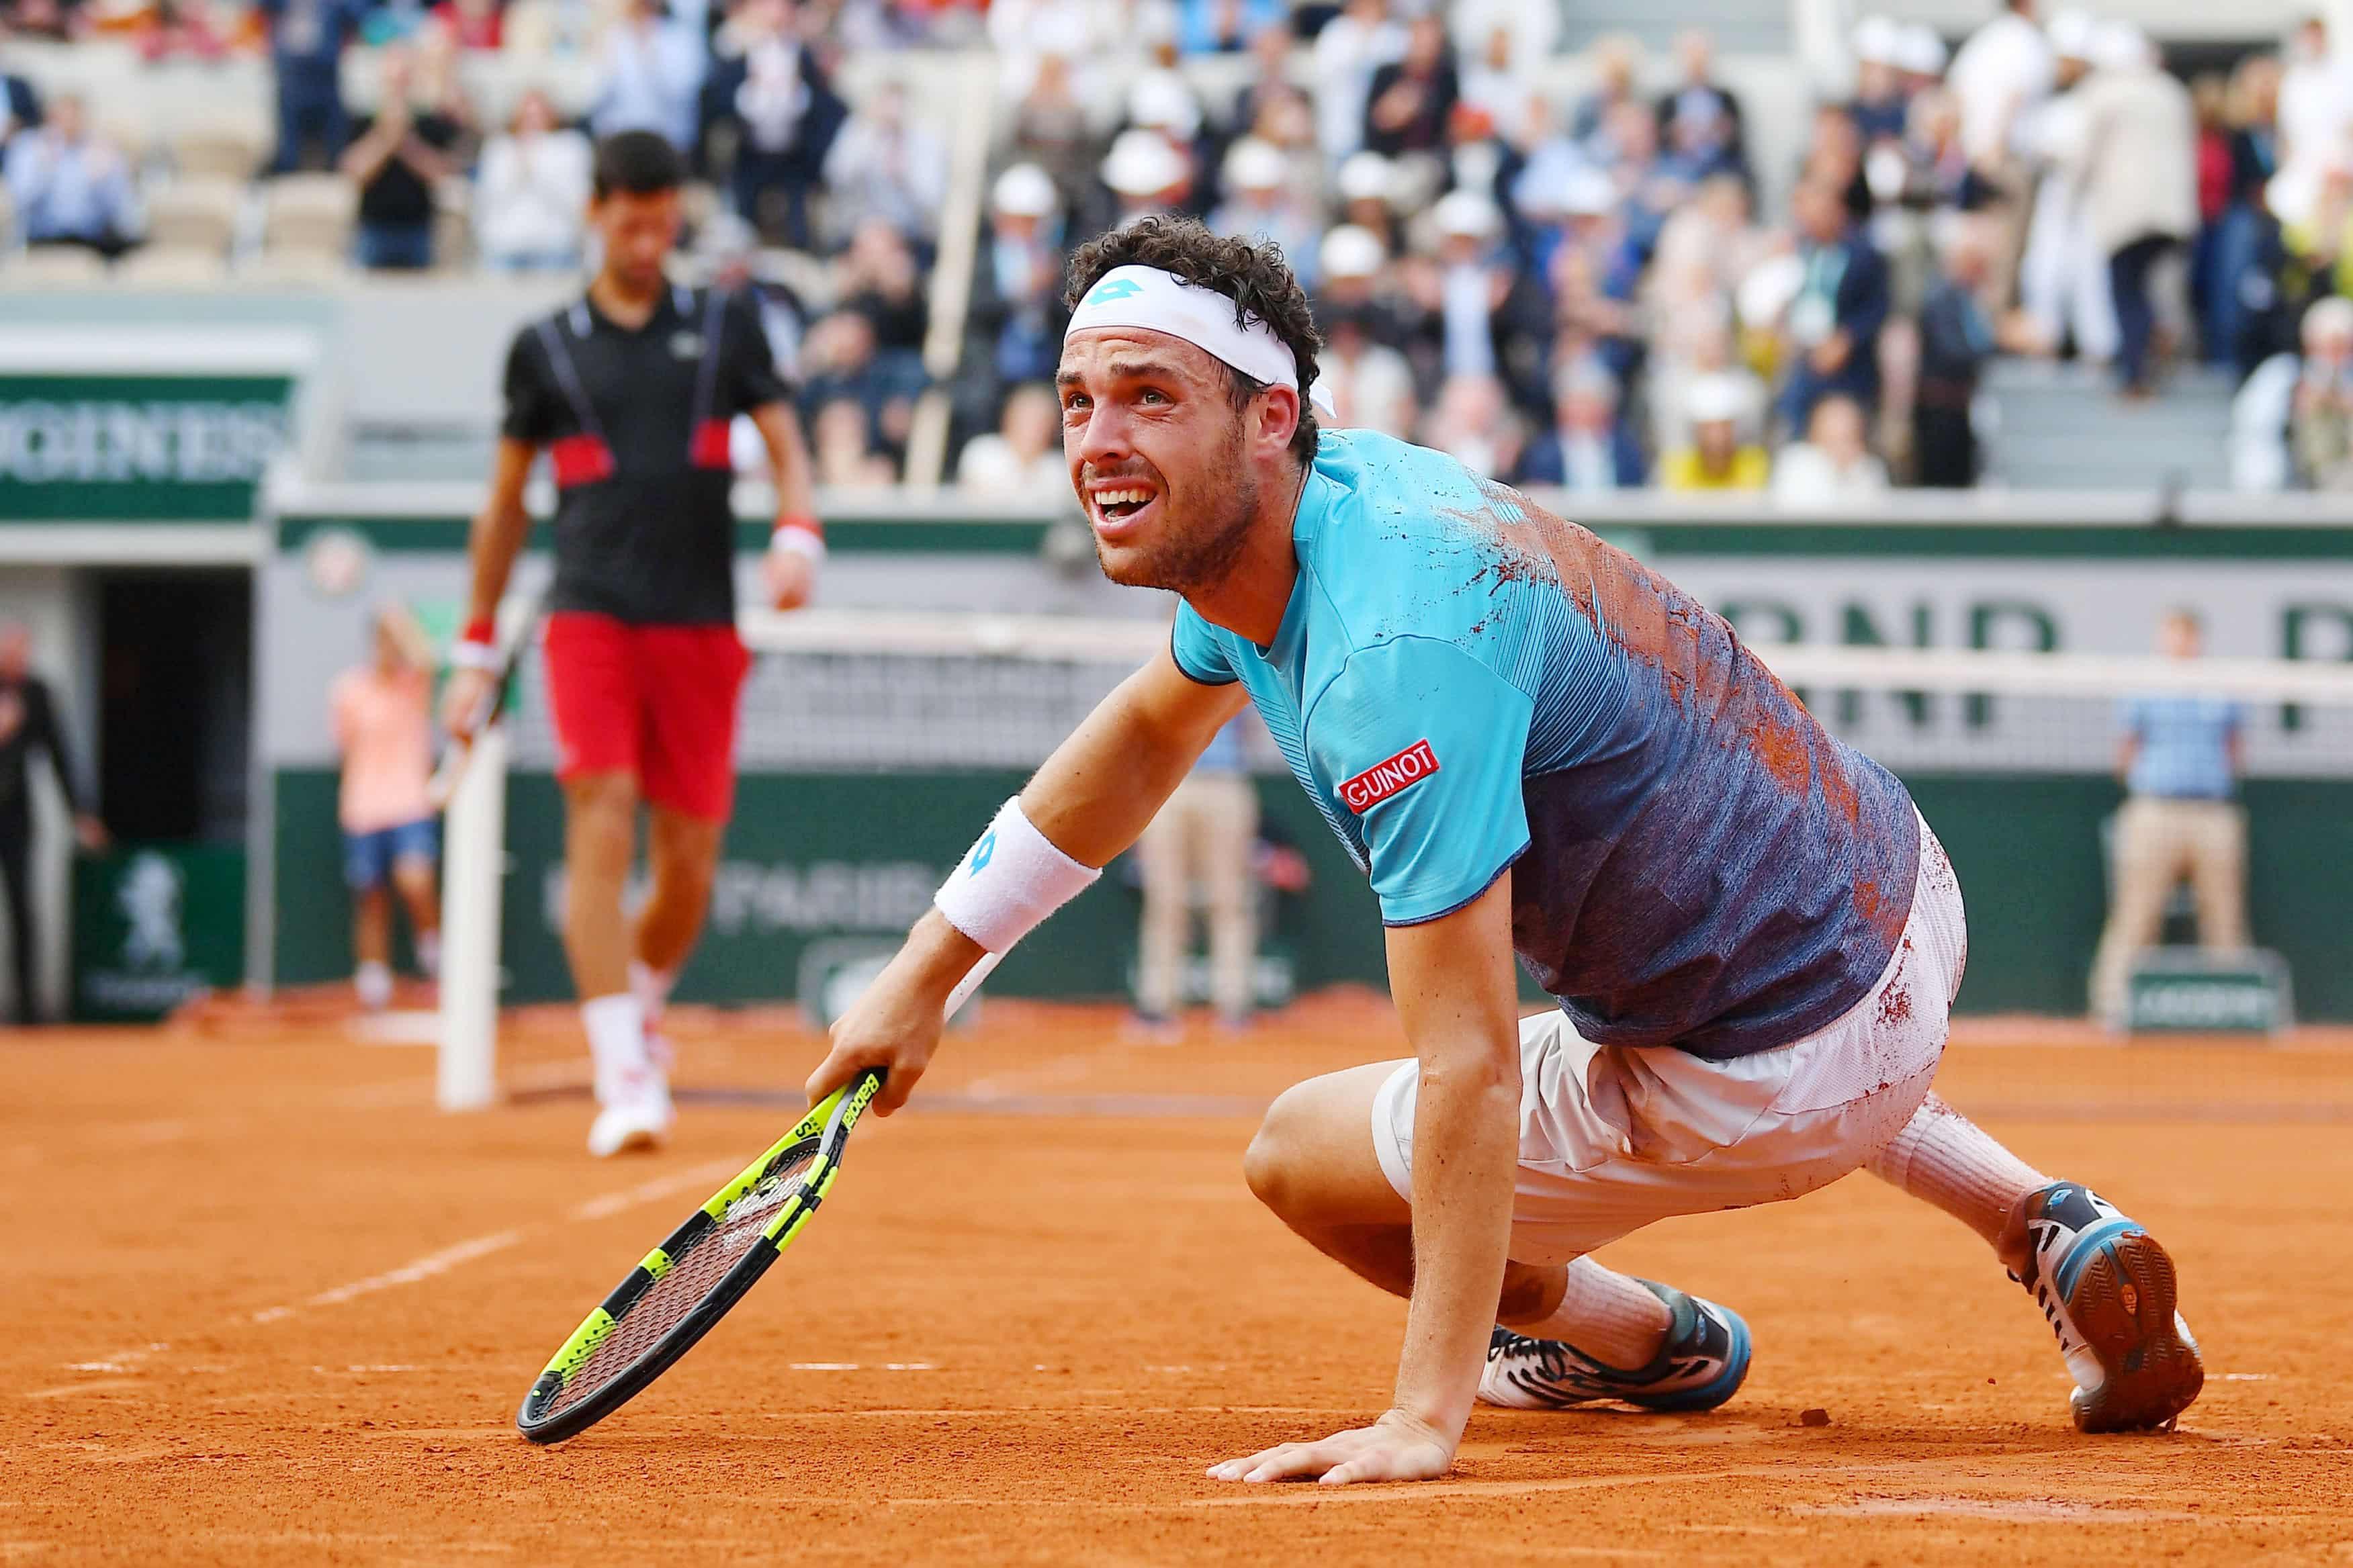 Calendario Roland Garros 2020.Calendario Tennis Atp 2019 Date Tornei Slam E Masters 1000